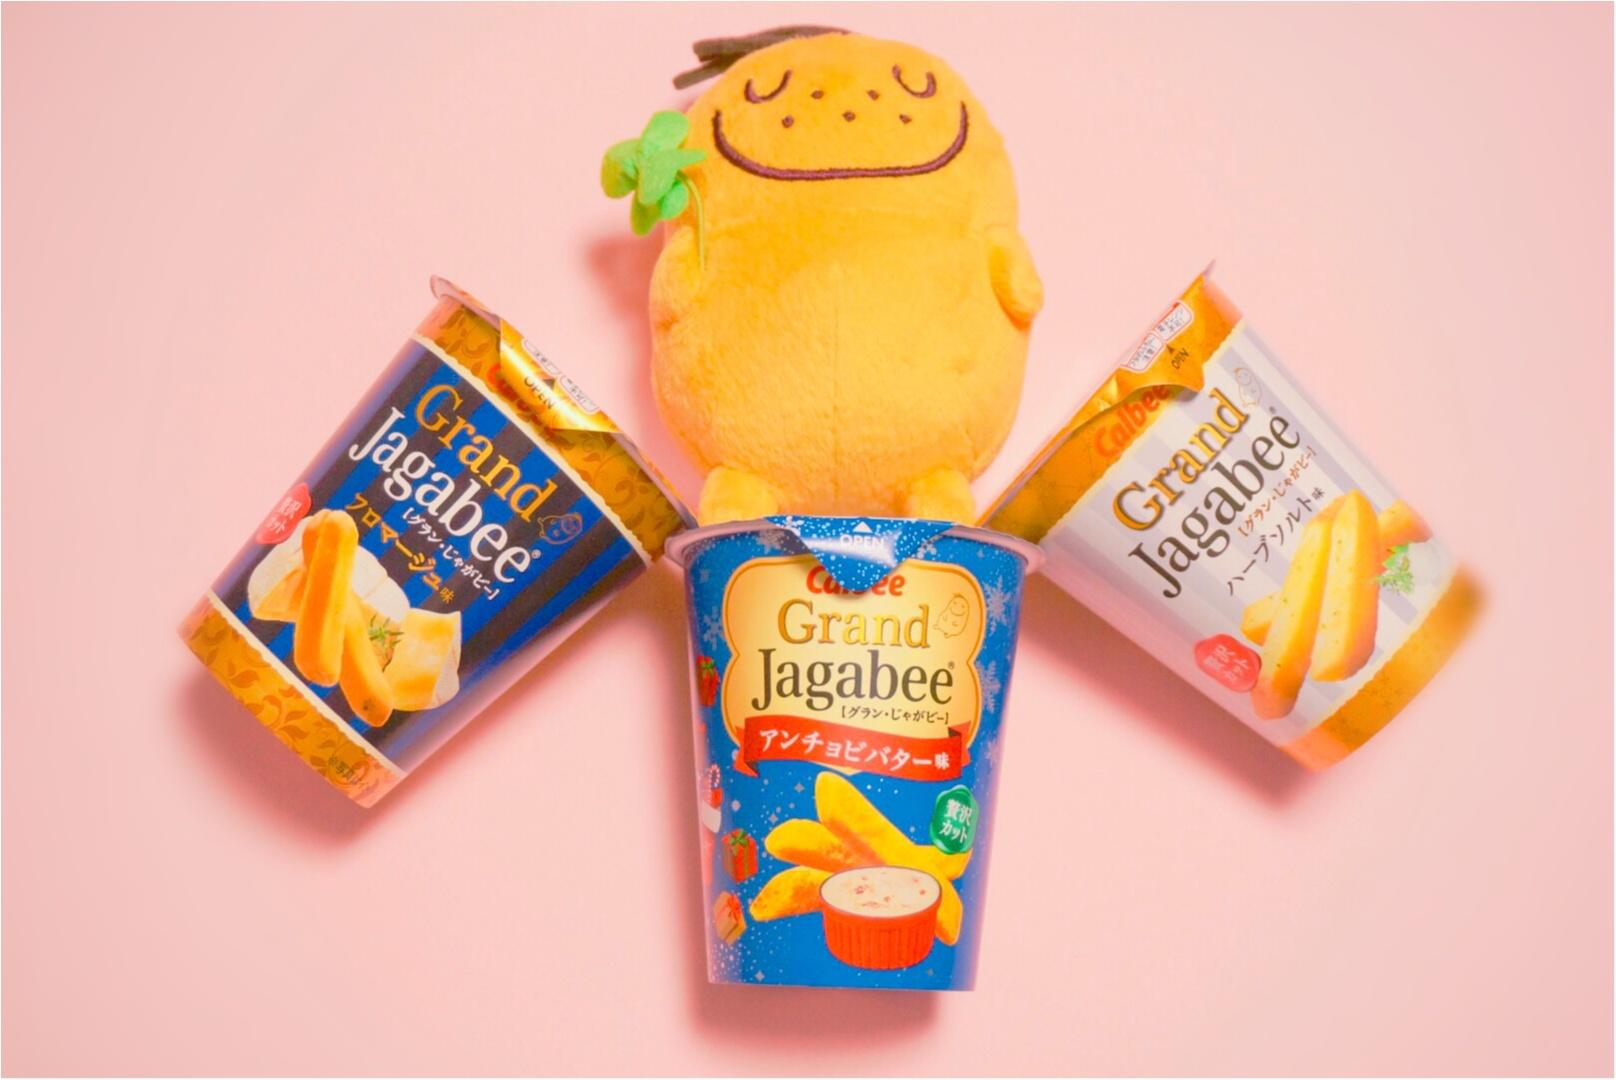 《今日のおやつはちょっぴり贅沢に❤︎》新味も続々登場‼︎一度食べたらやみつきになる【Grand Jagabee】が美味すぎるっ♡現在発売中の3種をご紹介♪_1